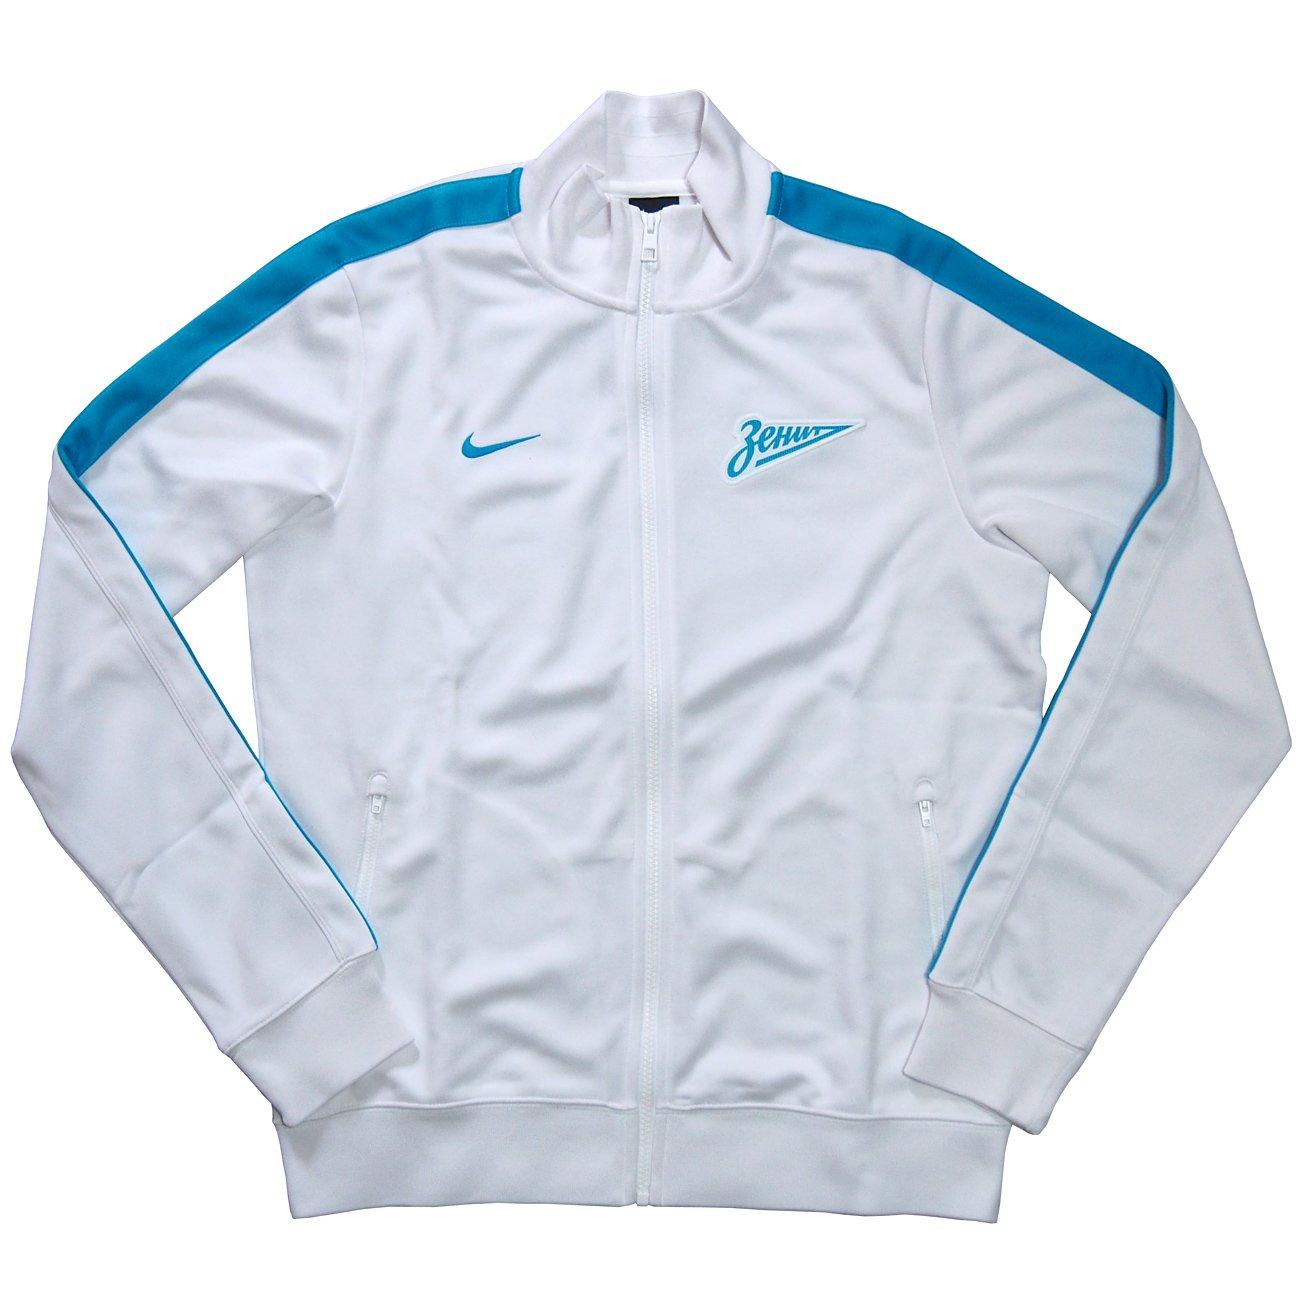 Nike Chaqueta de chándal, Blanco - blanco, XXL/contorno del pecho ...